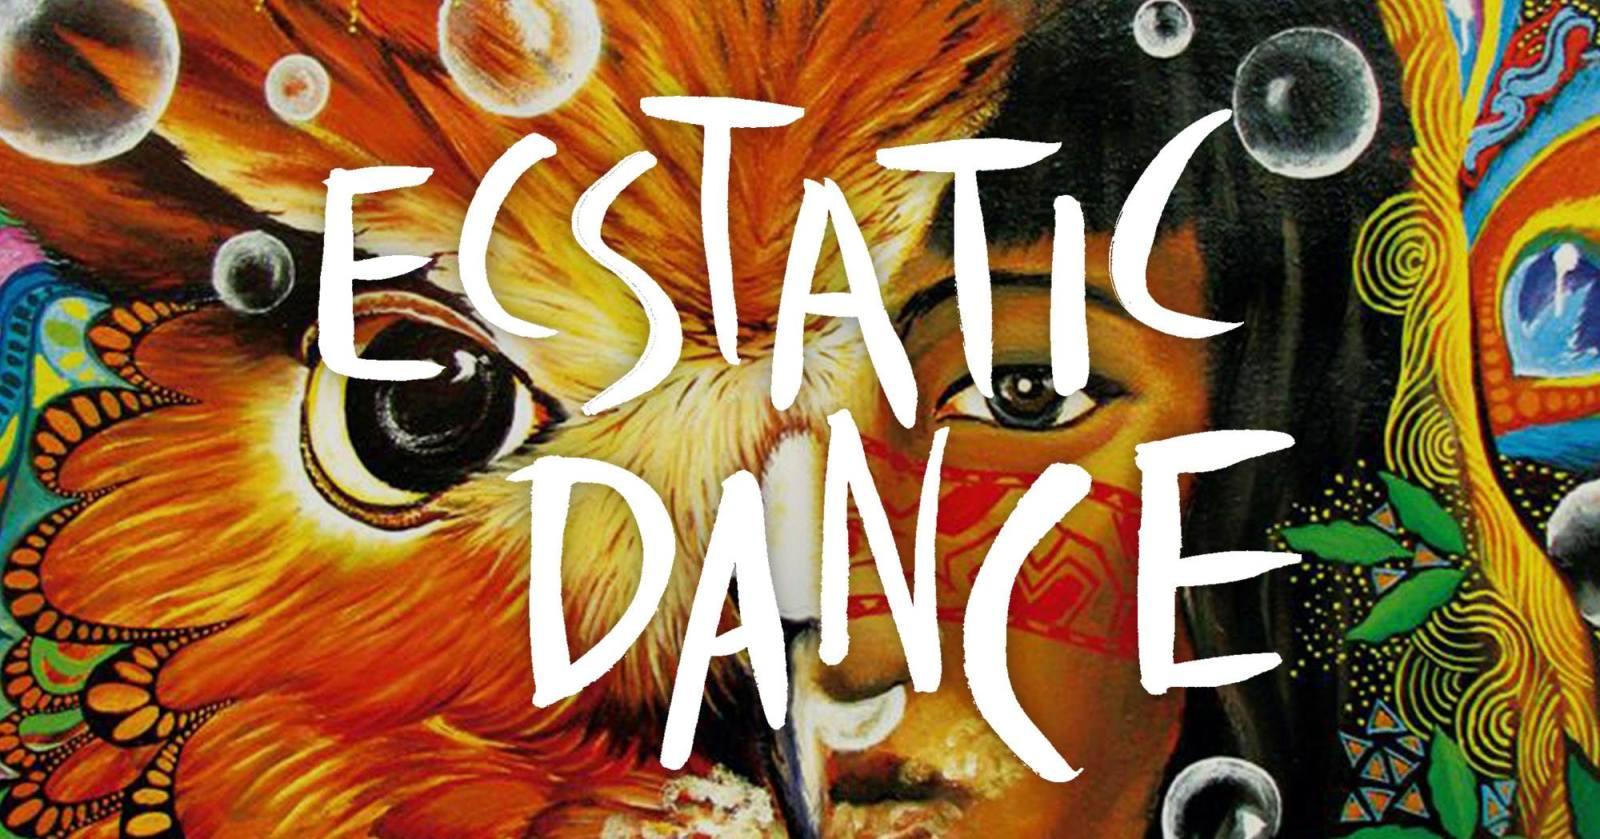 ecstatic dance 2